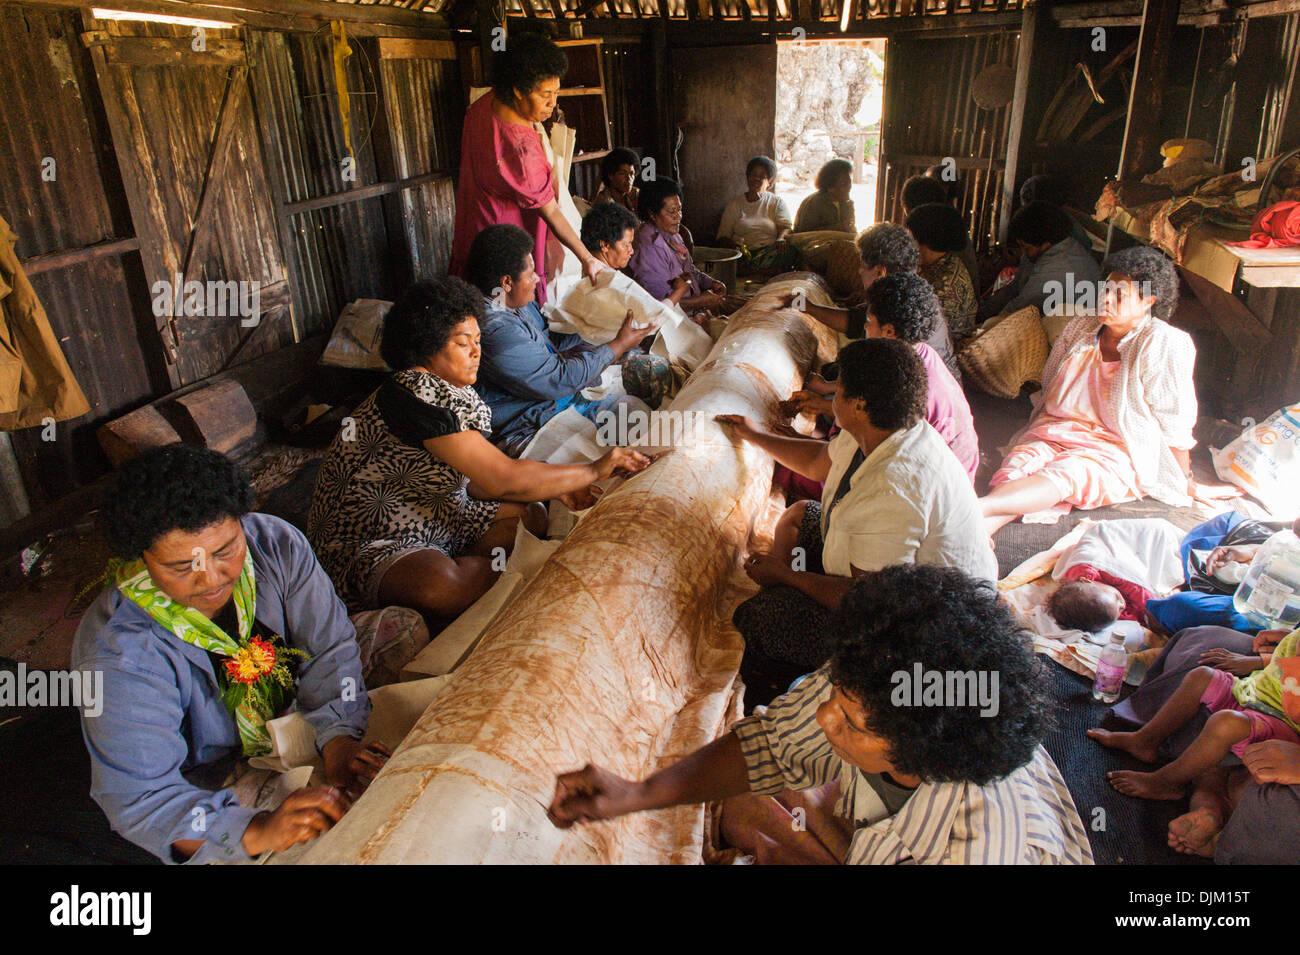 Gran grupo de mujeres que trabajan juntas en cuanto al estarcido en tela de corteza normal para hacer un gran paño impreso tradicional llamado trap. Fiji Imagen De Stock